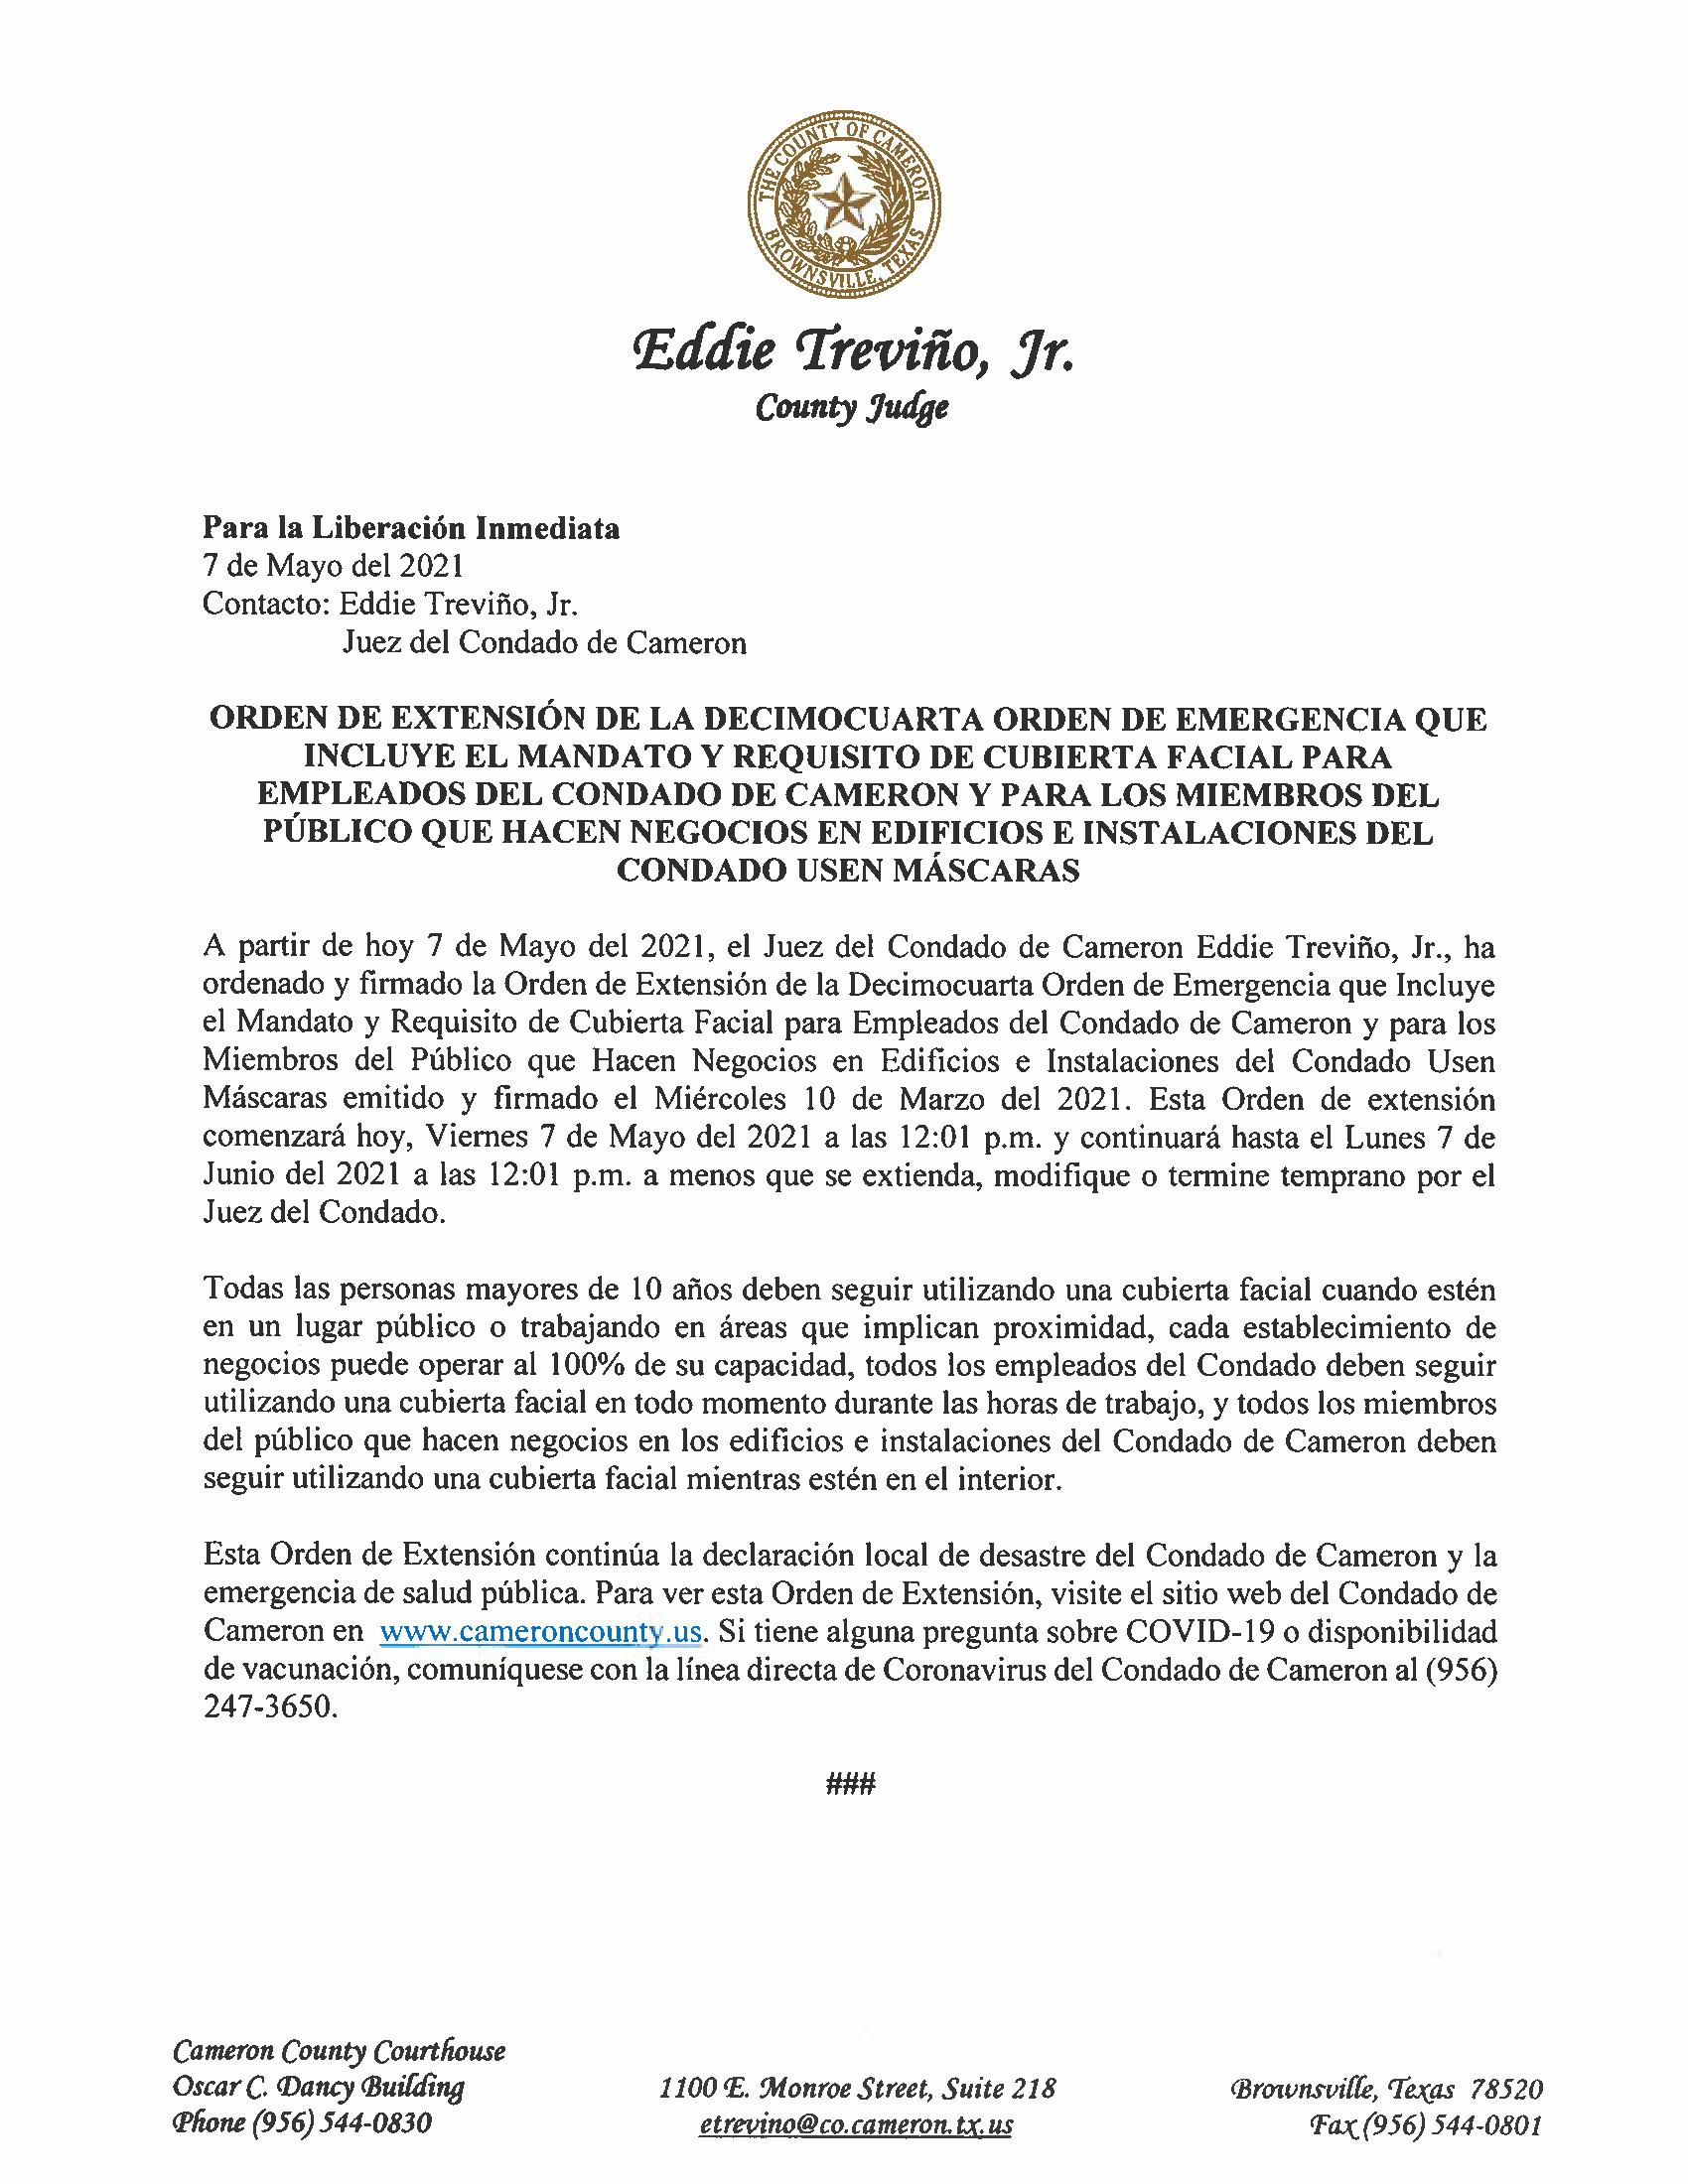 5.7.21 Liberacion Inmediata Orden De Extension De La Decimocuarta Orden De Emergencia 2